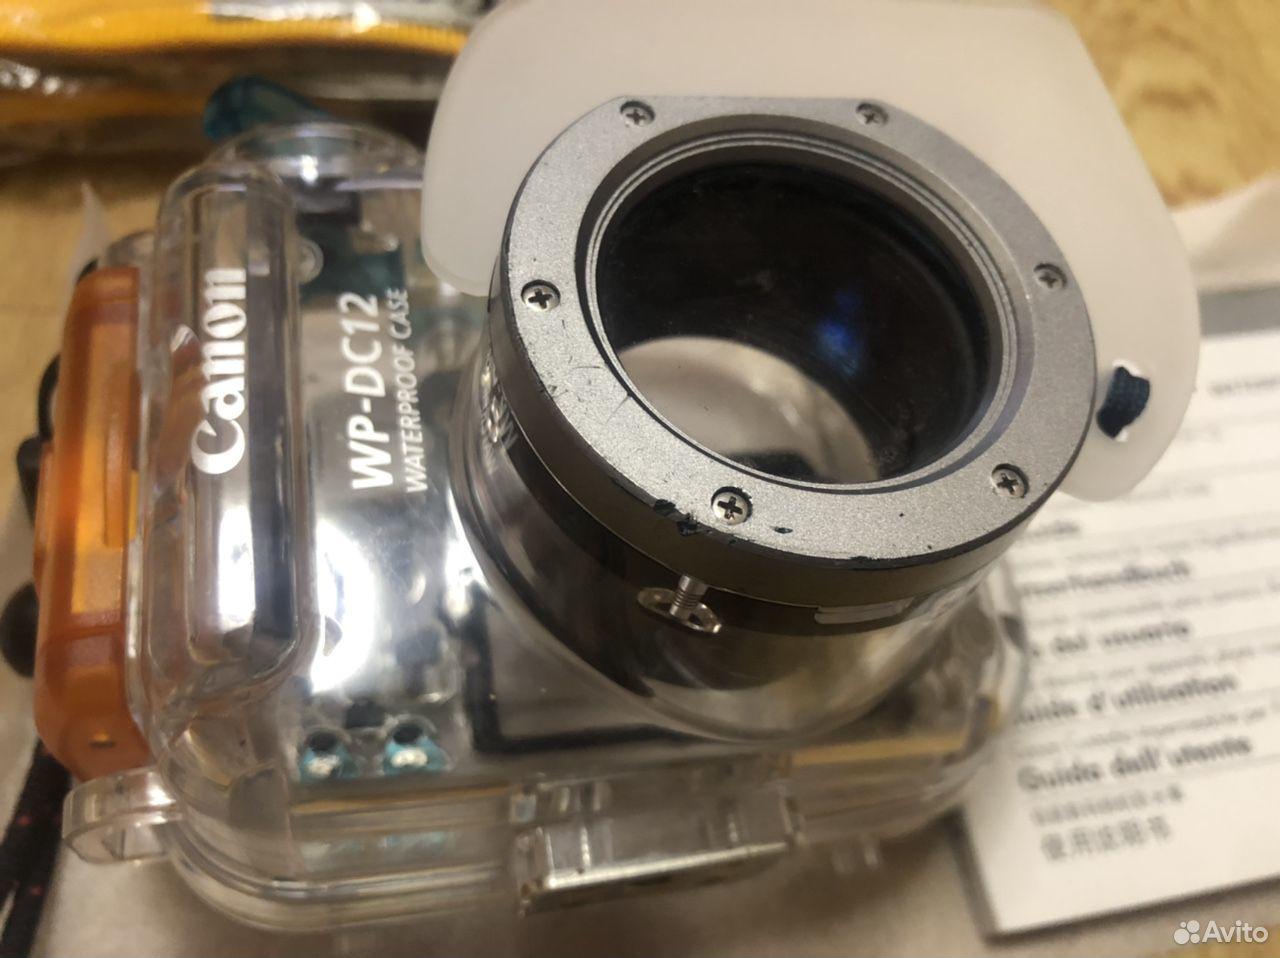 Фотоаппарат canon A570is с боксом для подводной сь 89143229991 купить 5